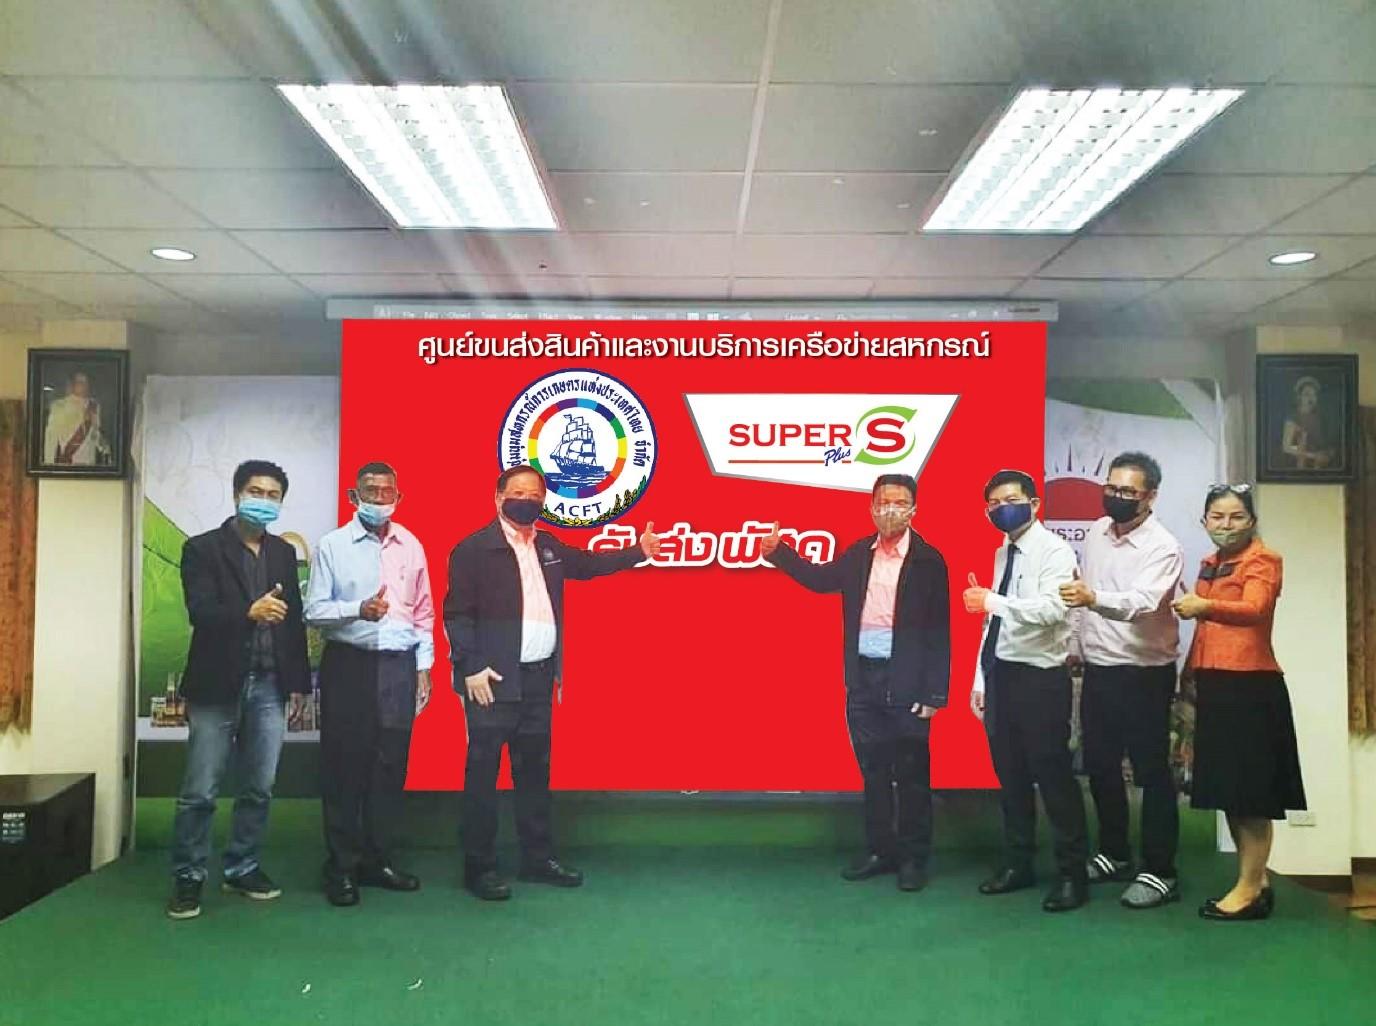 SuperS ร่วมกับพันธมิตร ดันศูนย์รับส่งสินค้าเครือสหกรณ์ ที่ ชสท. สนองลดต้นทุนให้สมาชิก หวังตอบโจทย์ยุคออนไลน์เฟื่องทั่วประเทศ